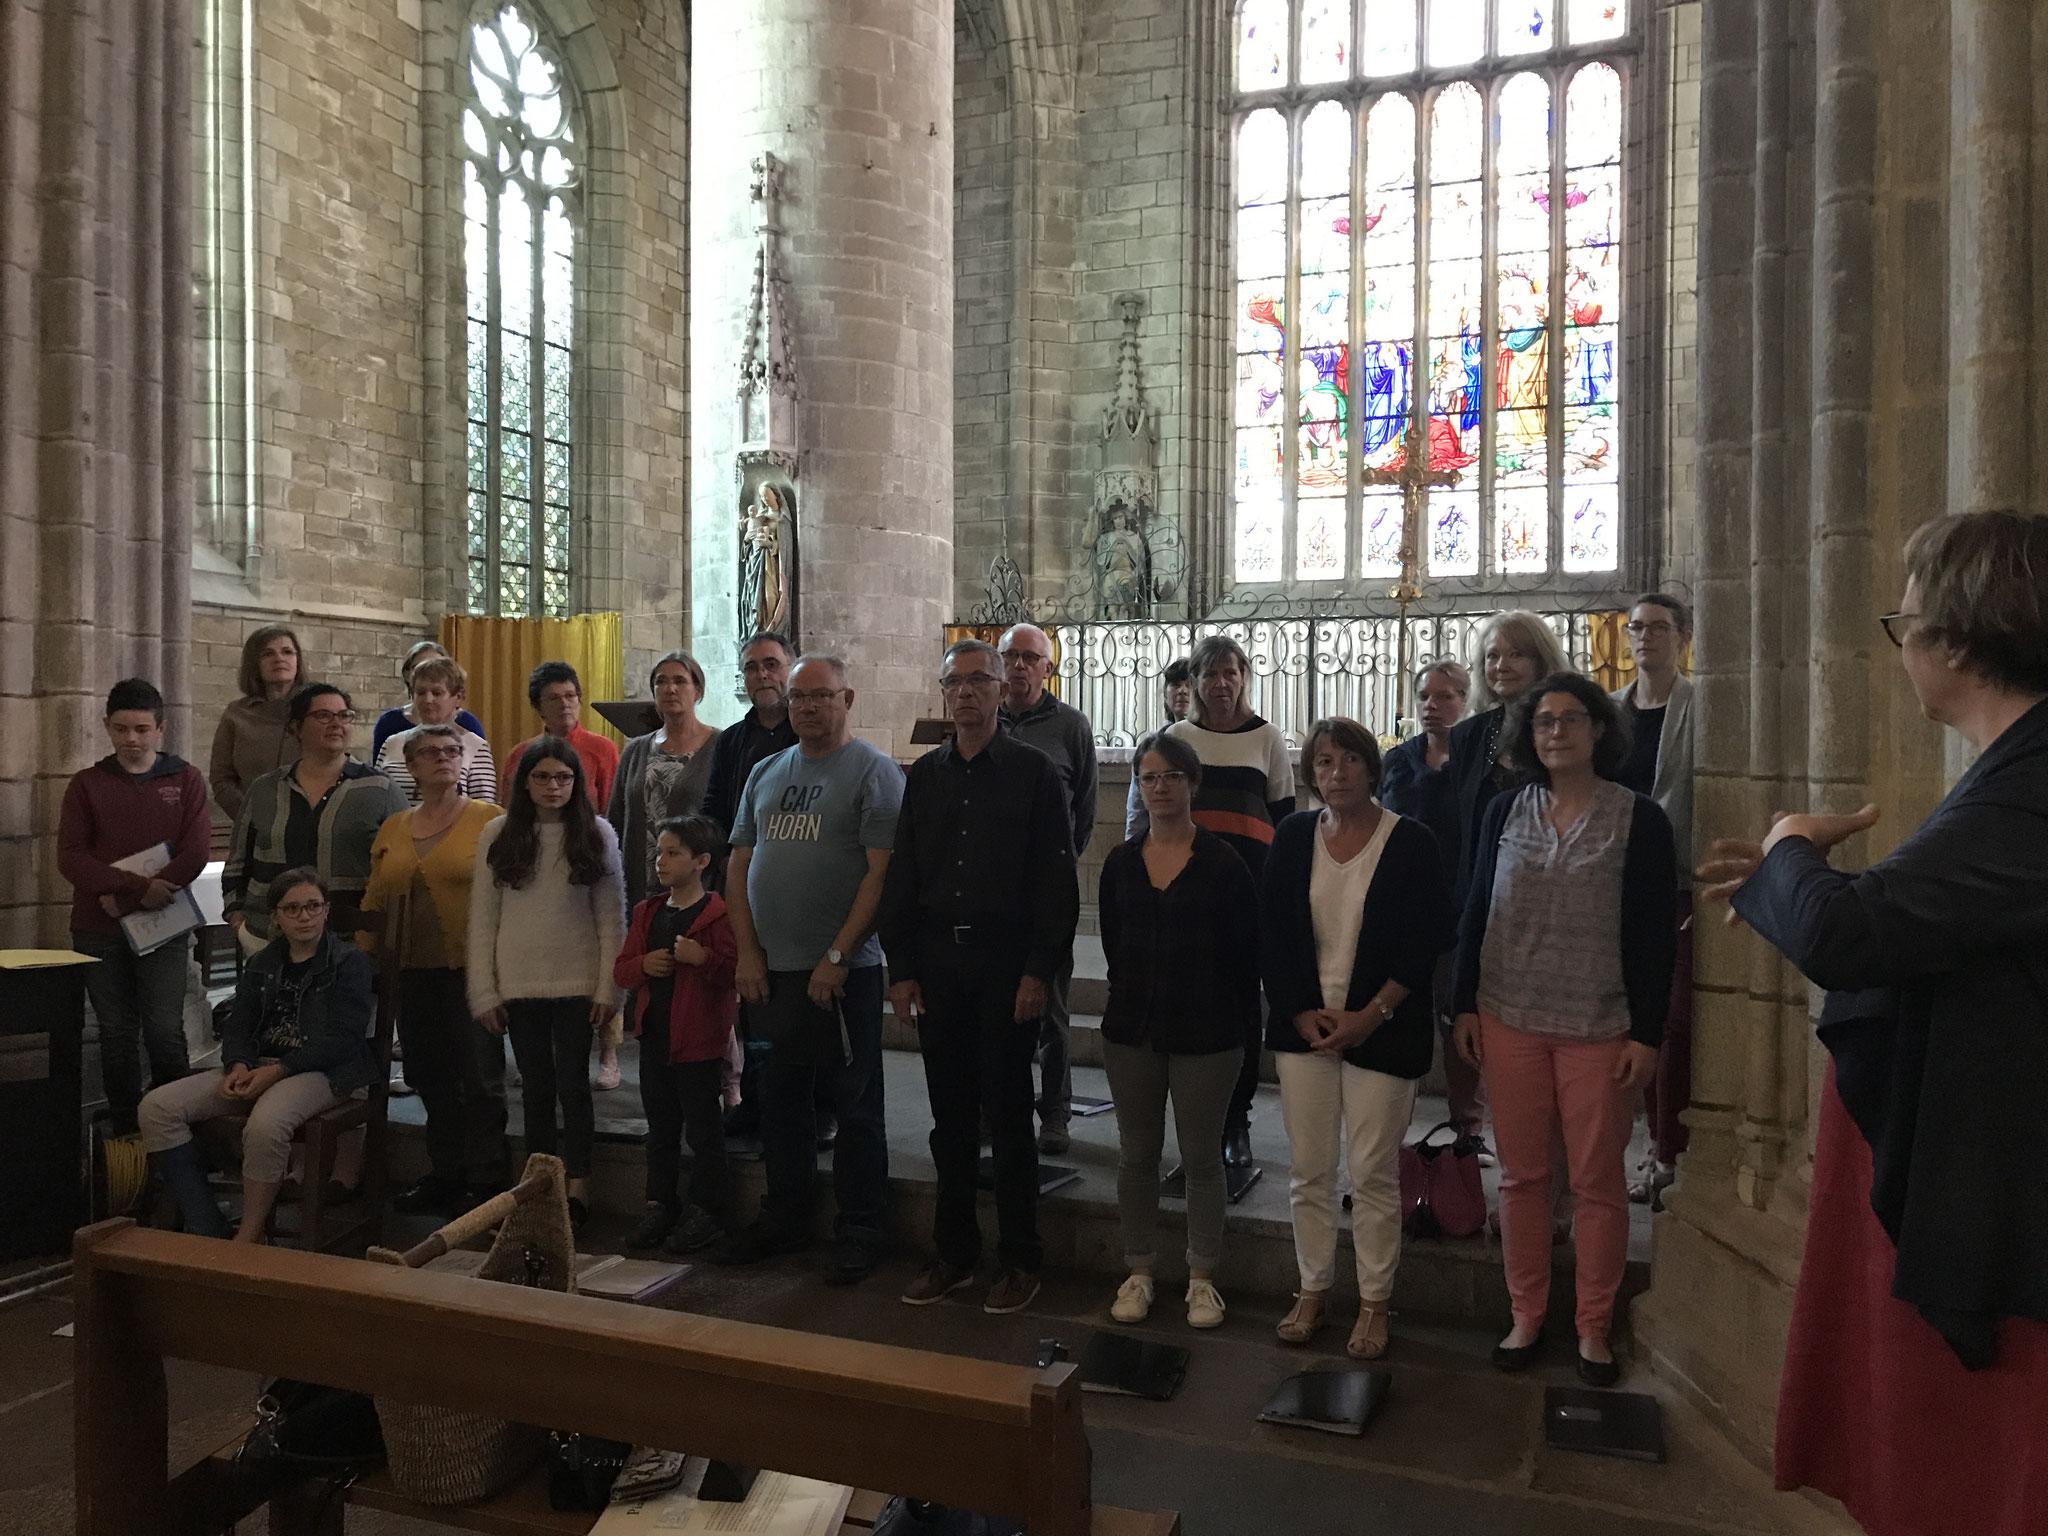 Accompagné par les enfants de la chorale